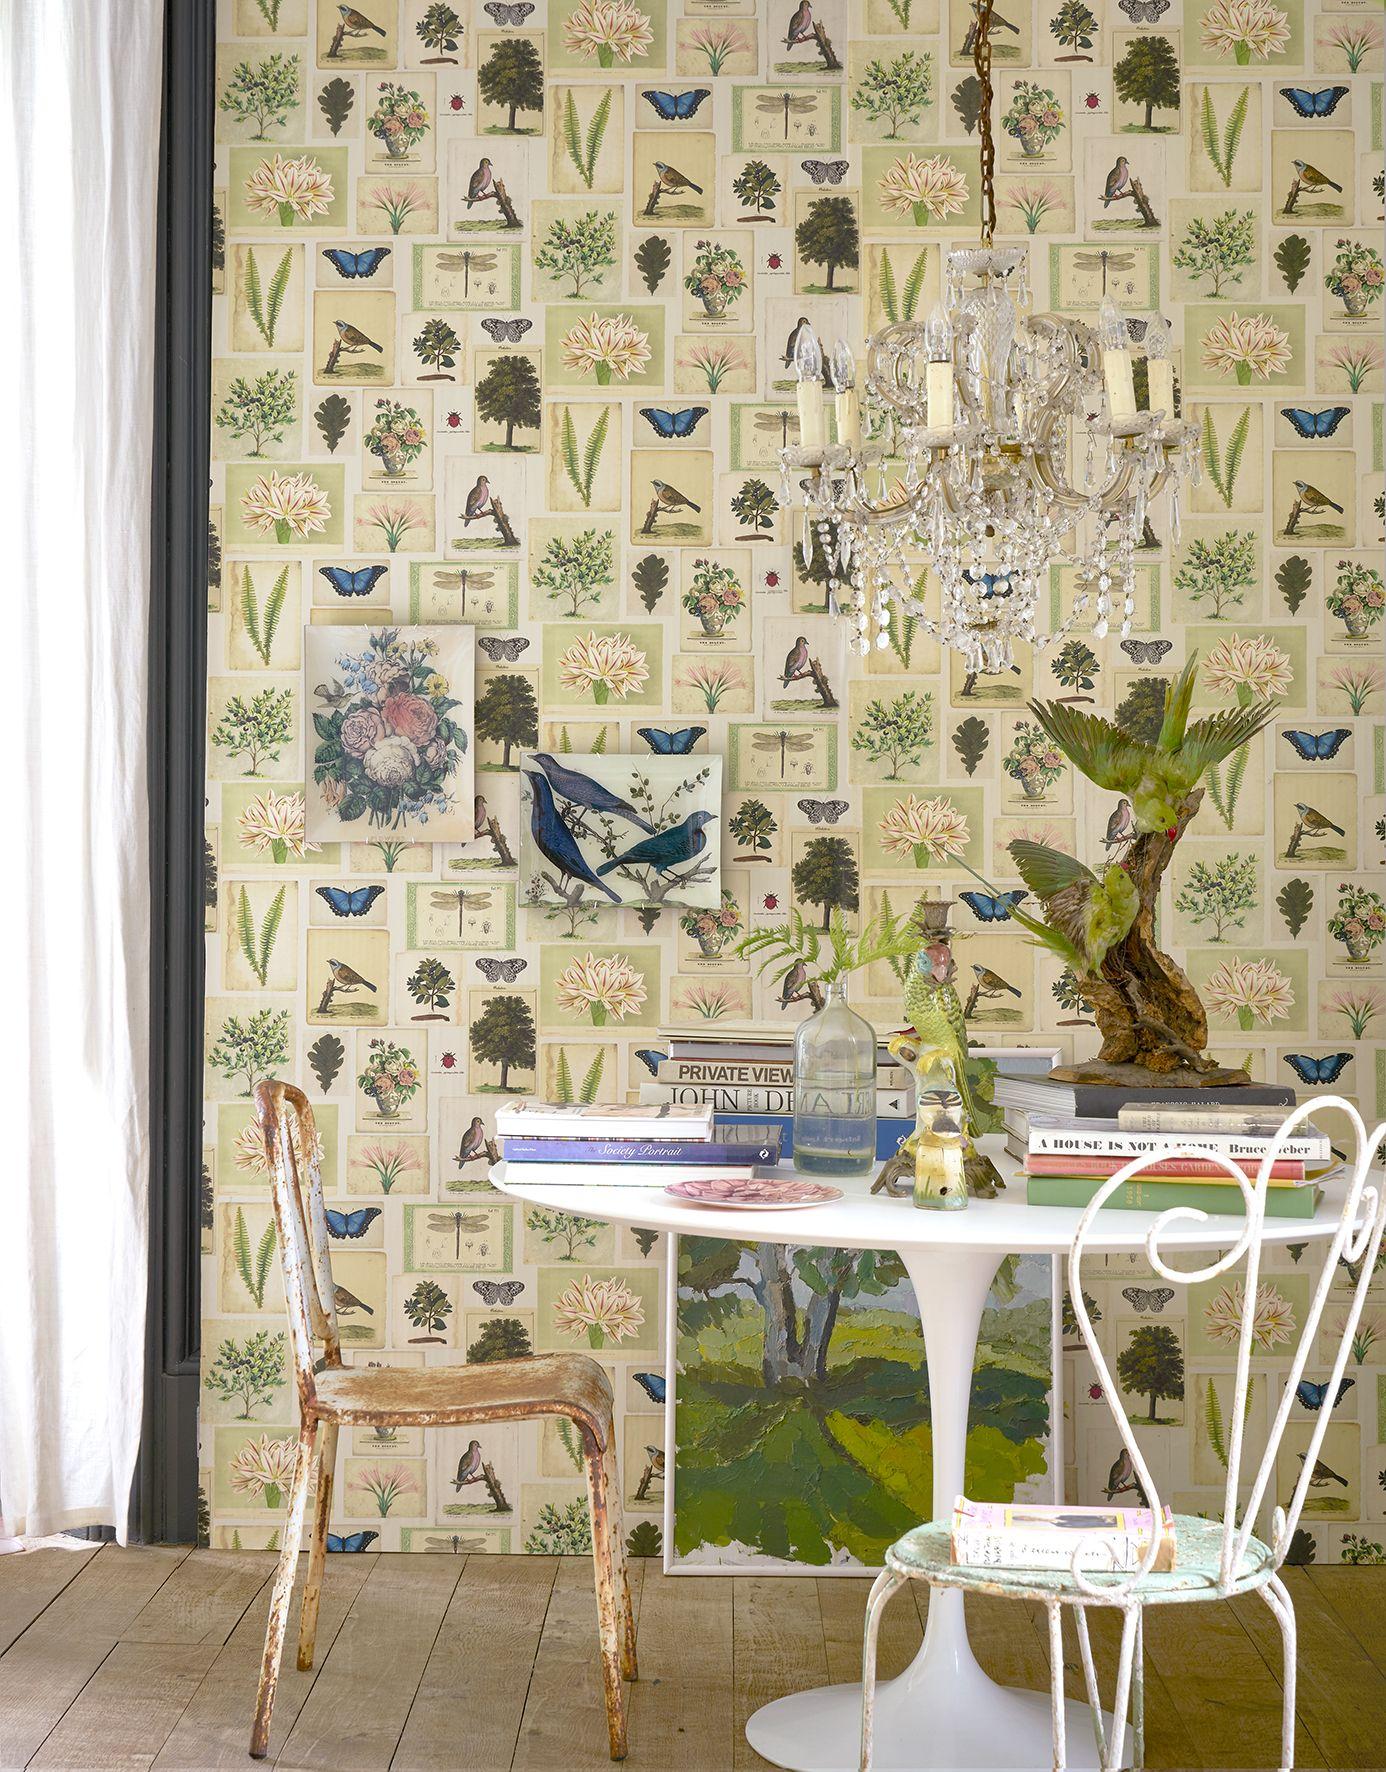 New John Derian Wallpaper For Designers Guild Designers